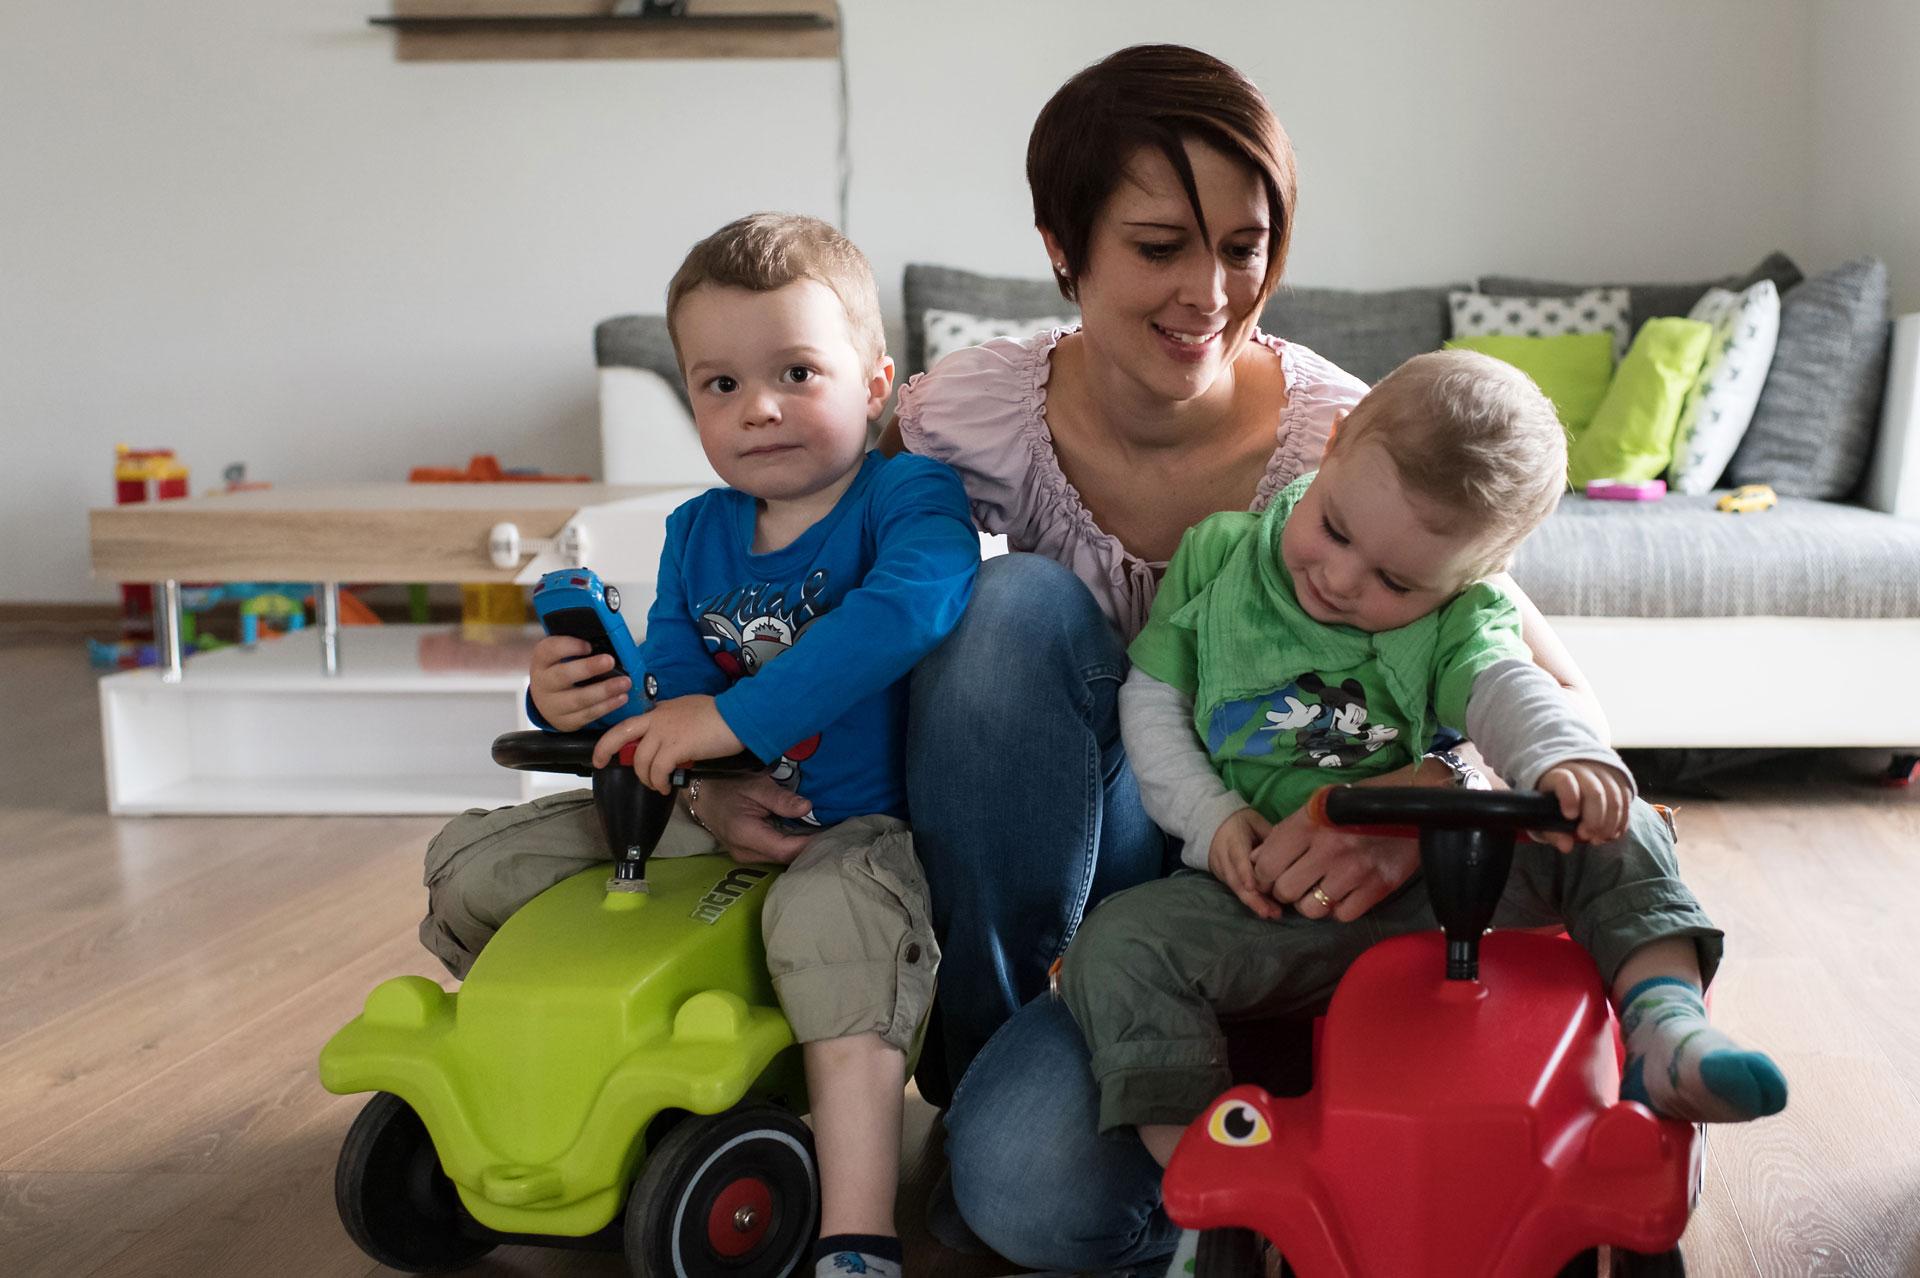 Une mère joue avec ses deux enfants, installés sur des porteurs voitures.